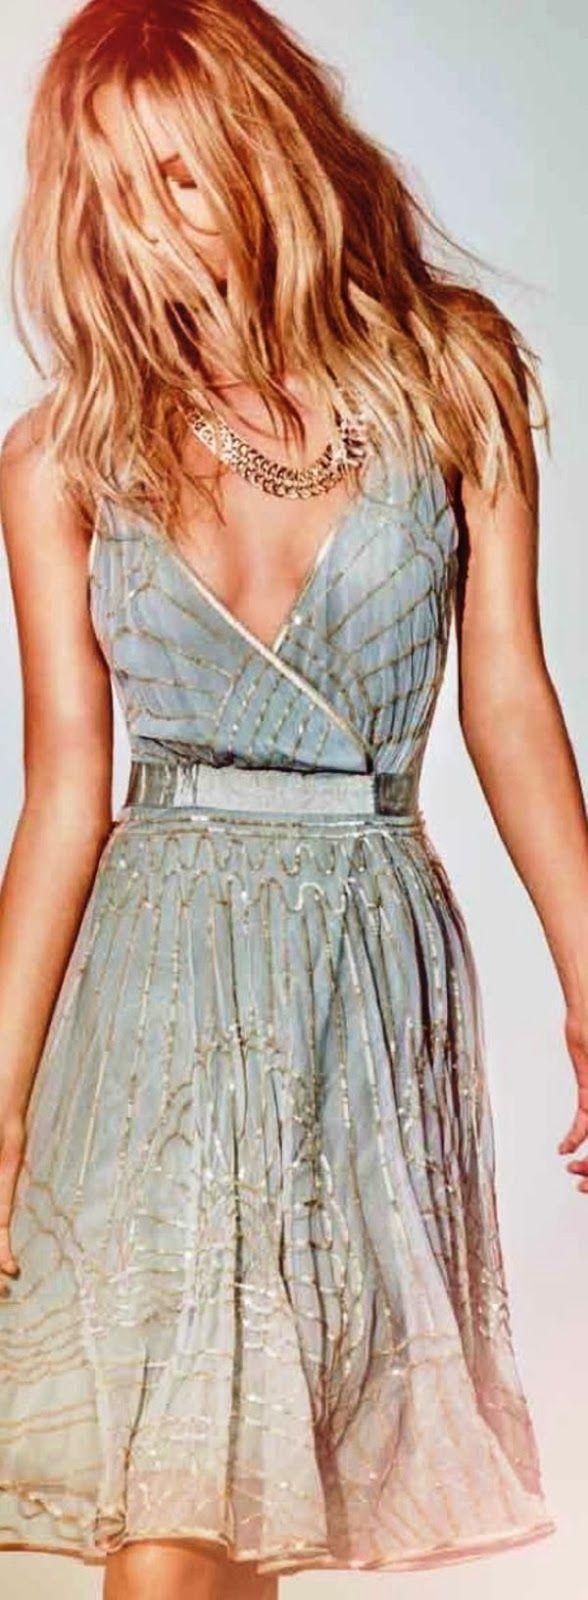 Deep Neck Golden Line Dress